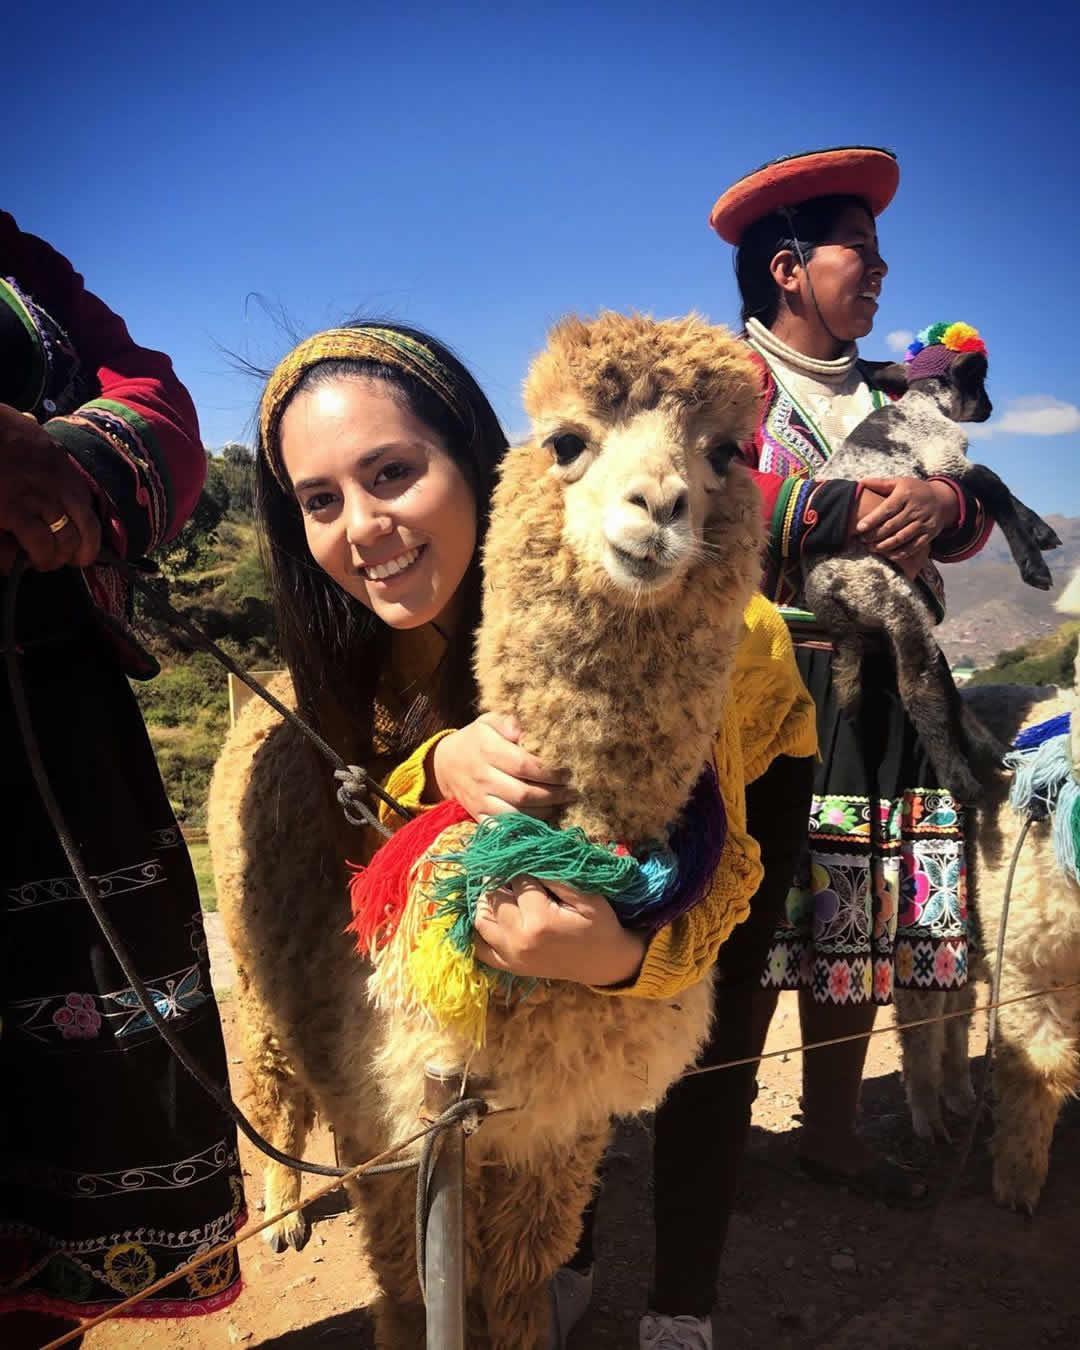 turismo cusco